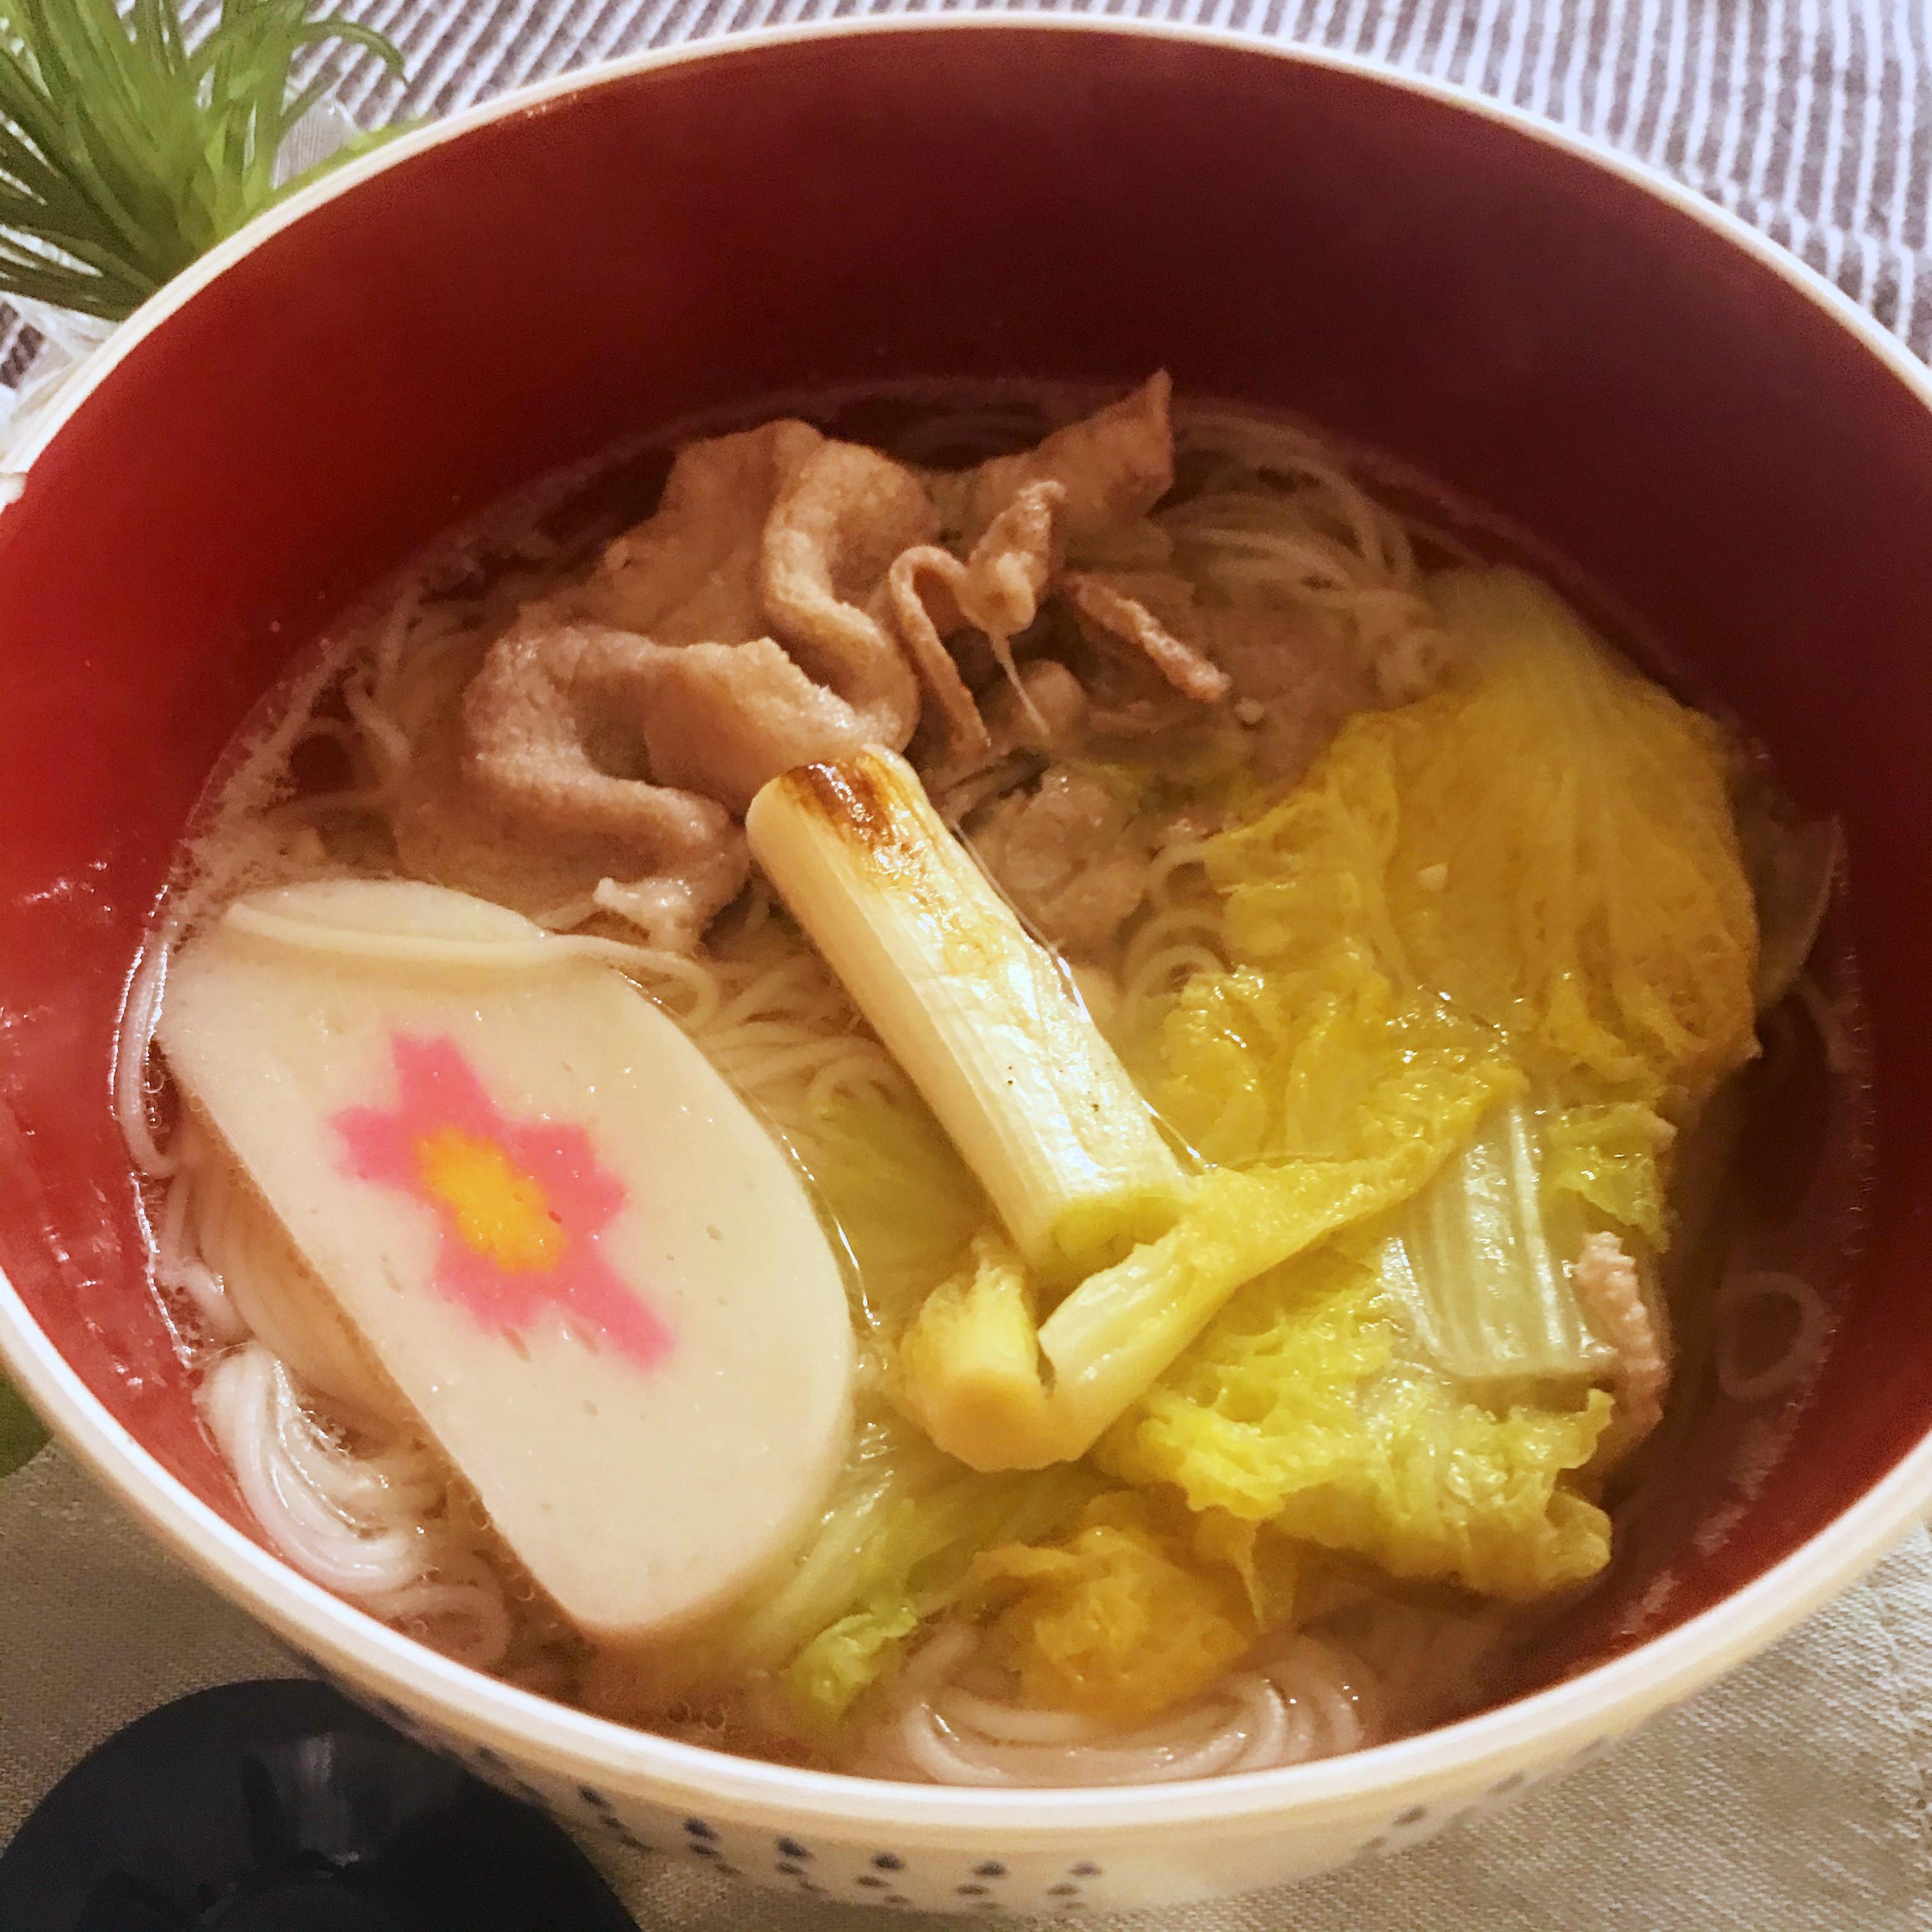 塩味白菜肉片湯麵 (露營OK)